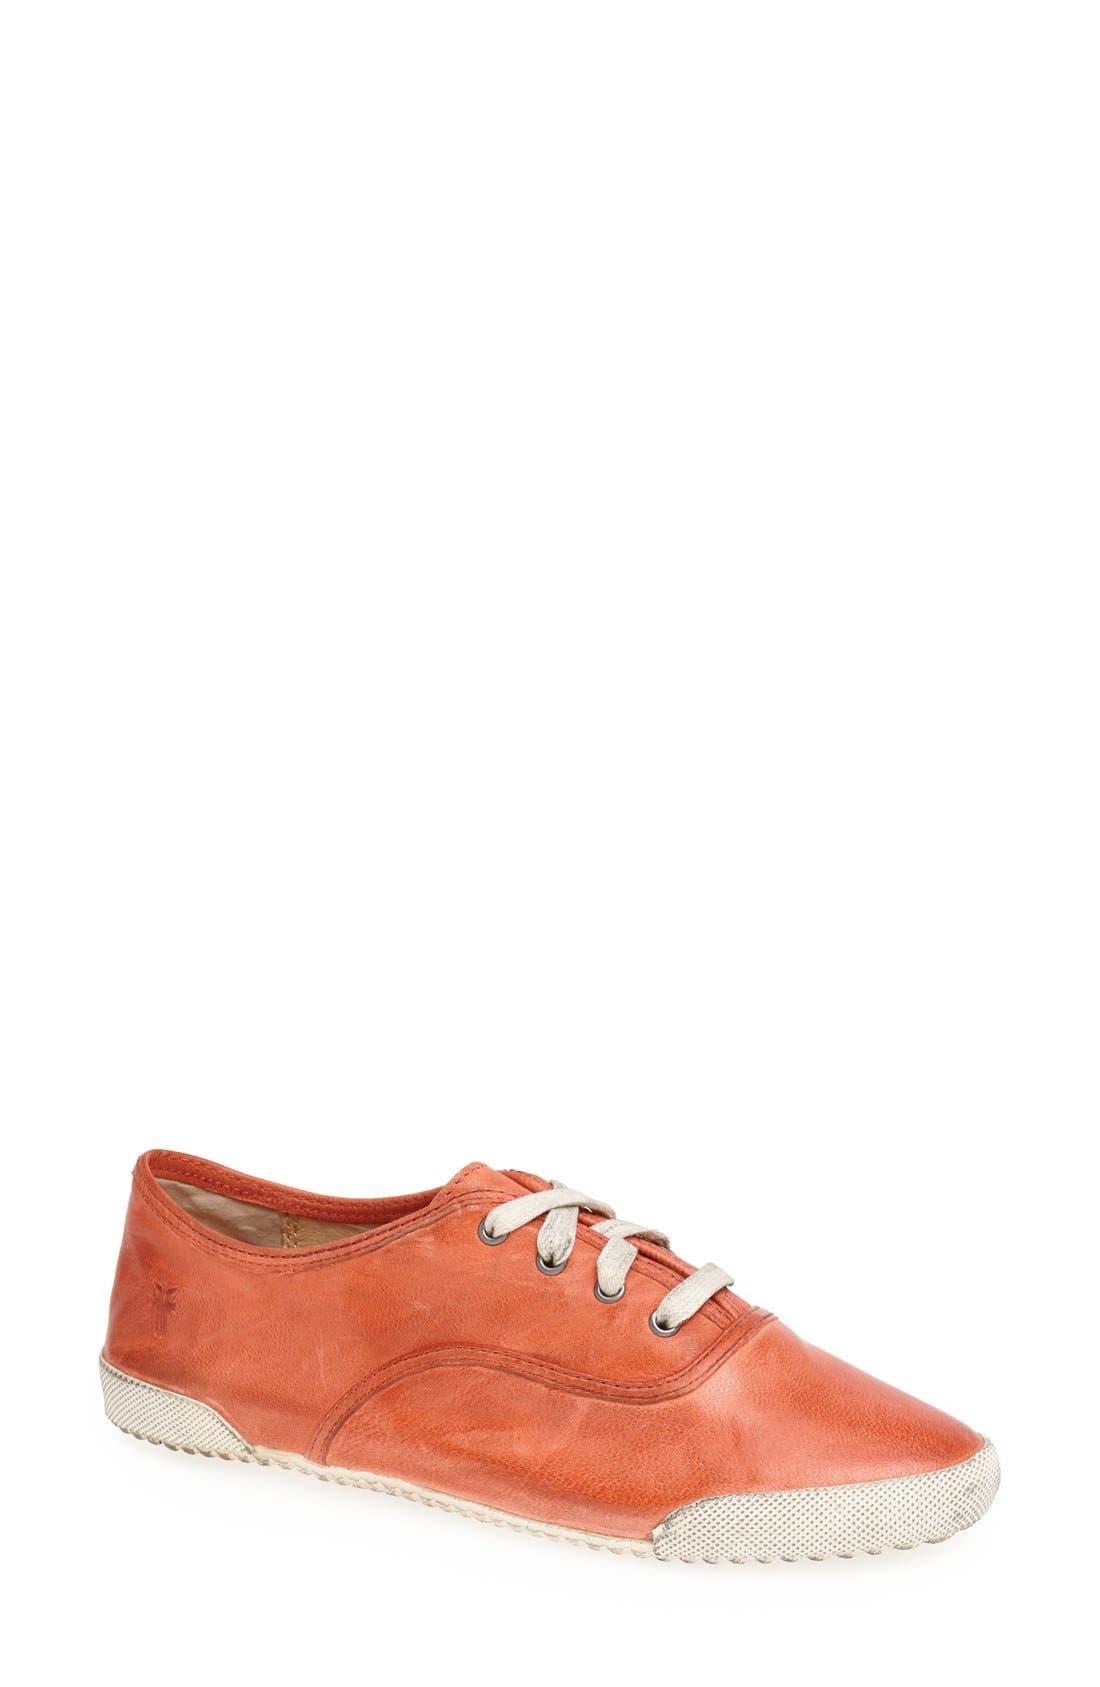 Main Image - Frye 'Melanie' Leather Sneaker (Women)